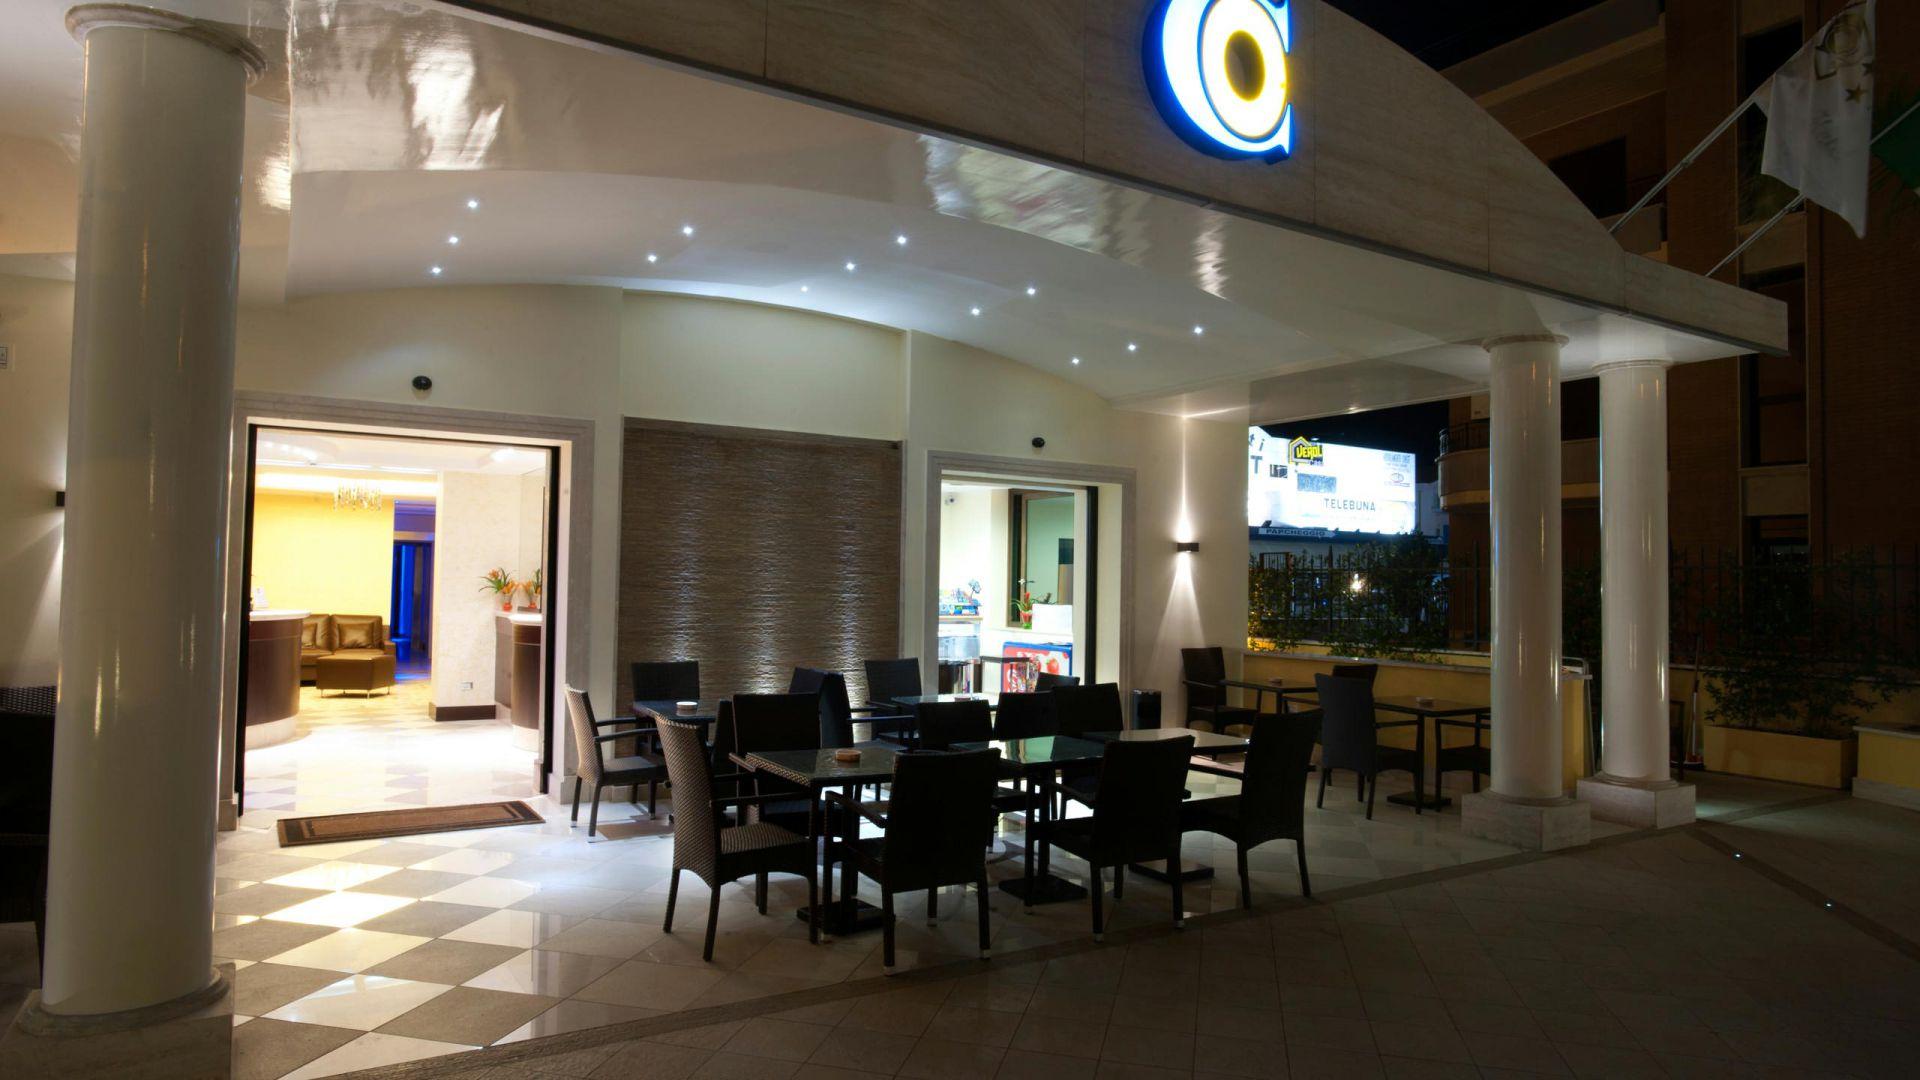 oc-hotel-villa-adriana-esterni-005